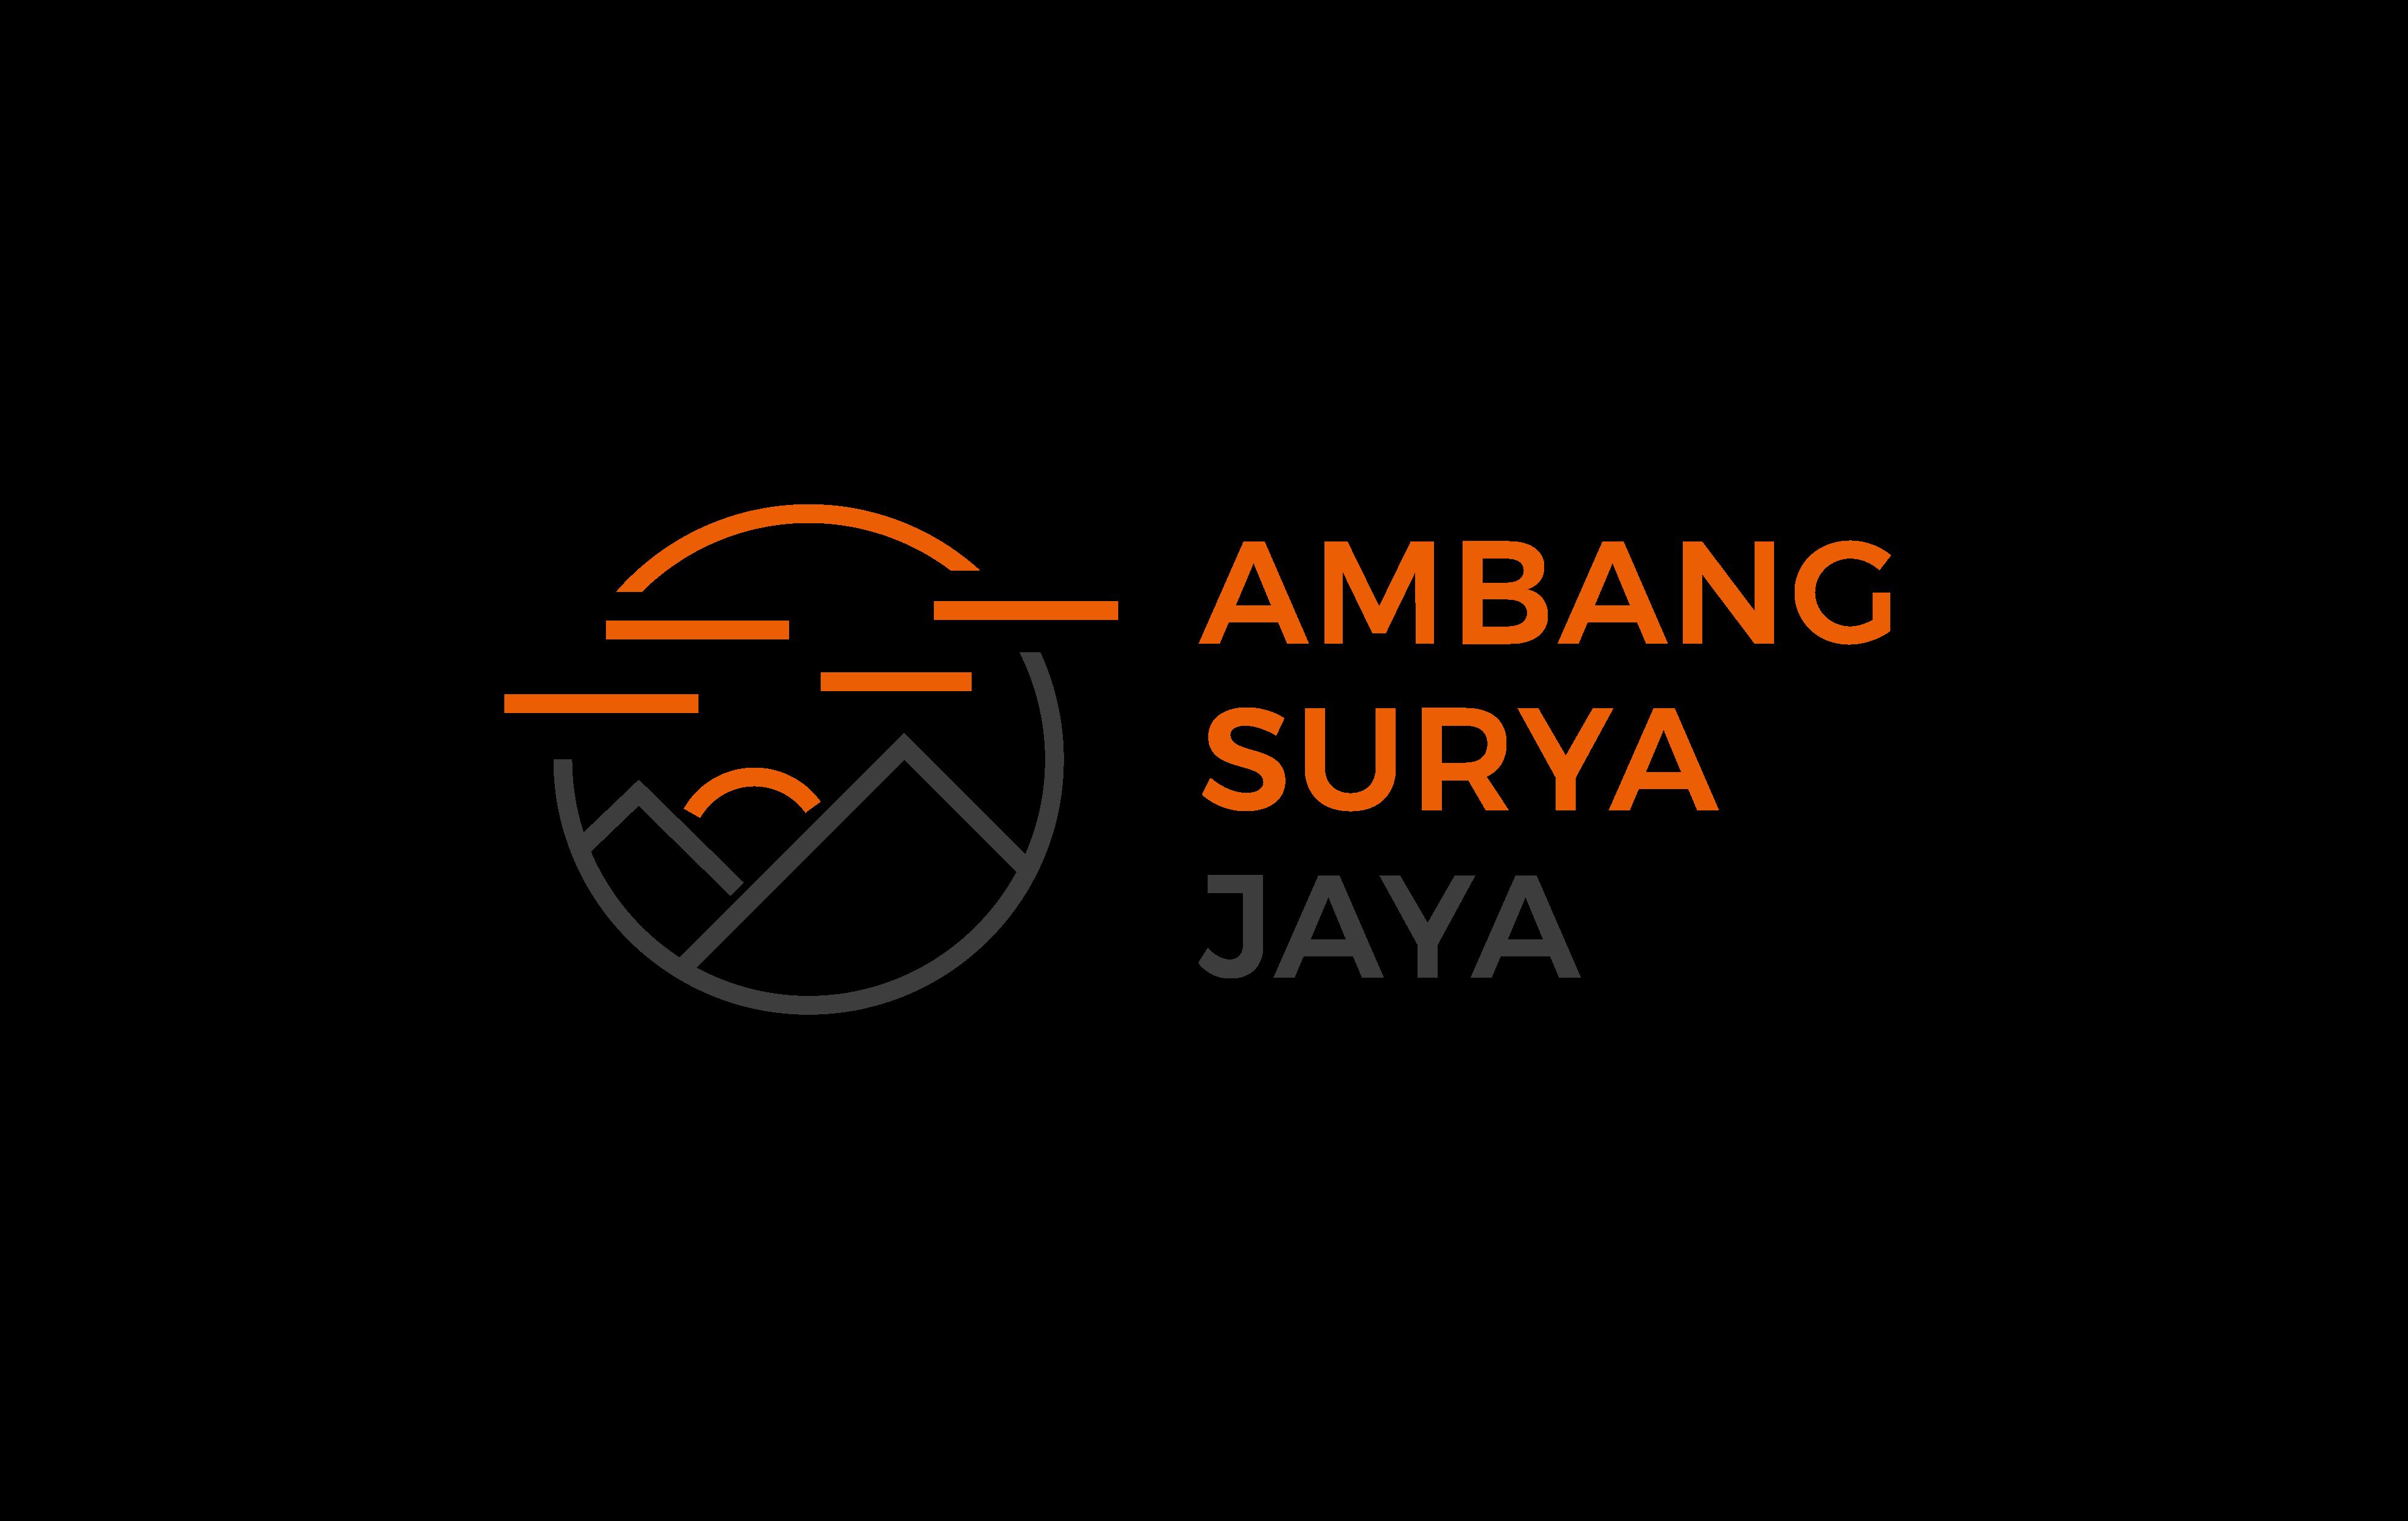 PT Ambang Surya Jaya